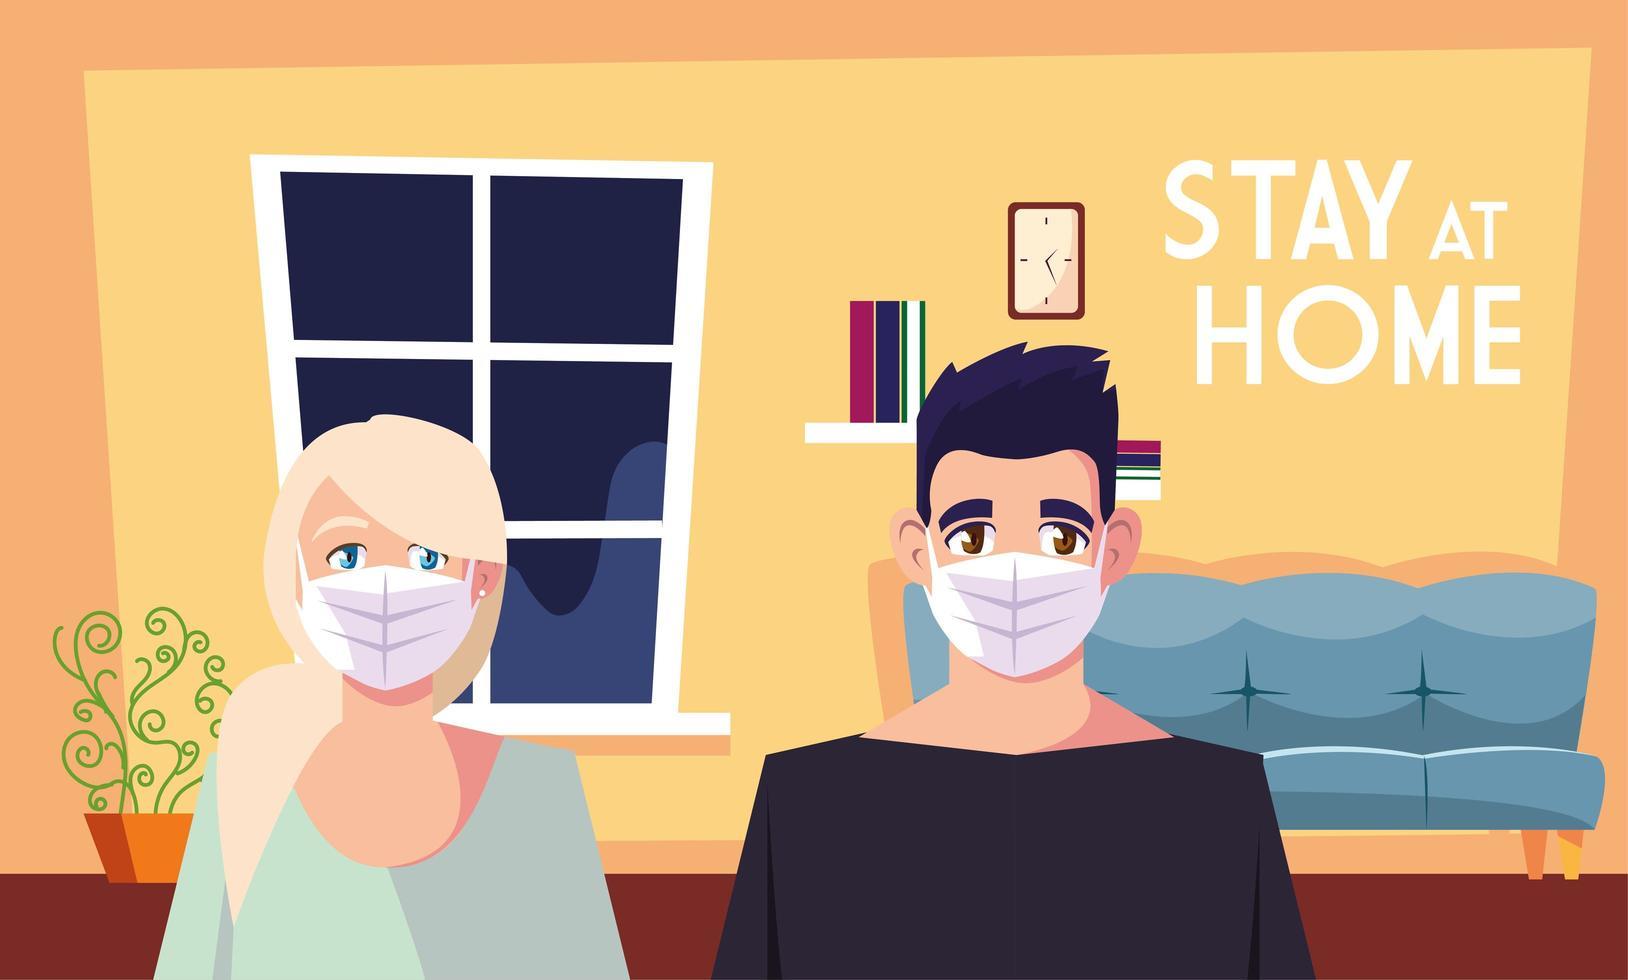 rester à la maison sensibilisation et un couple dans le salon vecteur